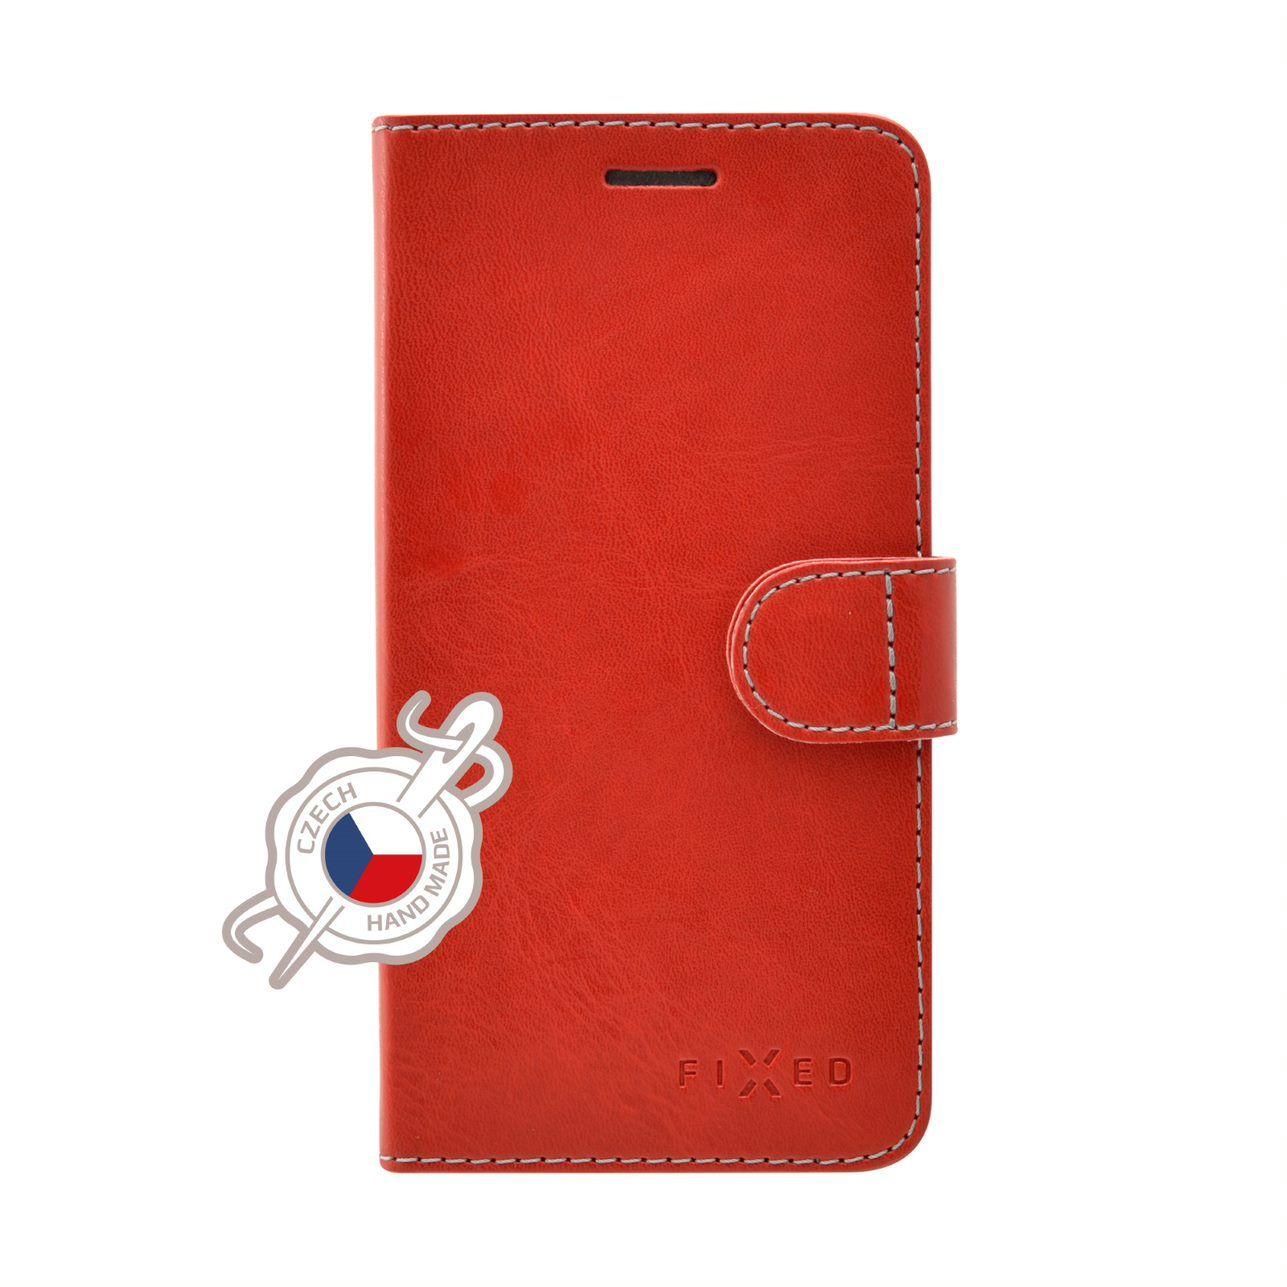 Pouzdro typu kniha FIXED Fit pro Apple iPhone 12 mini, červené